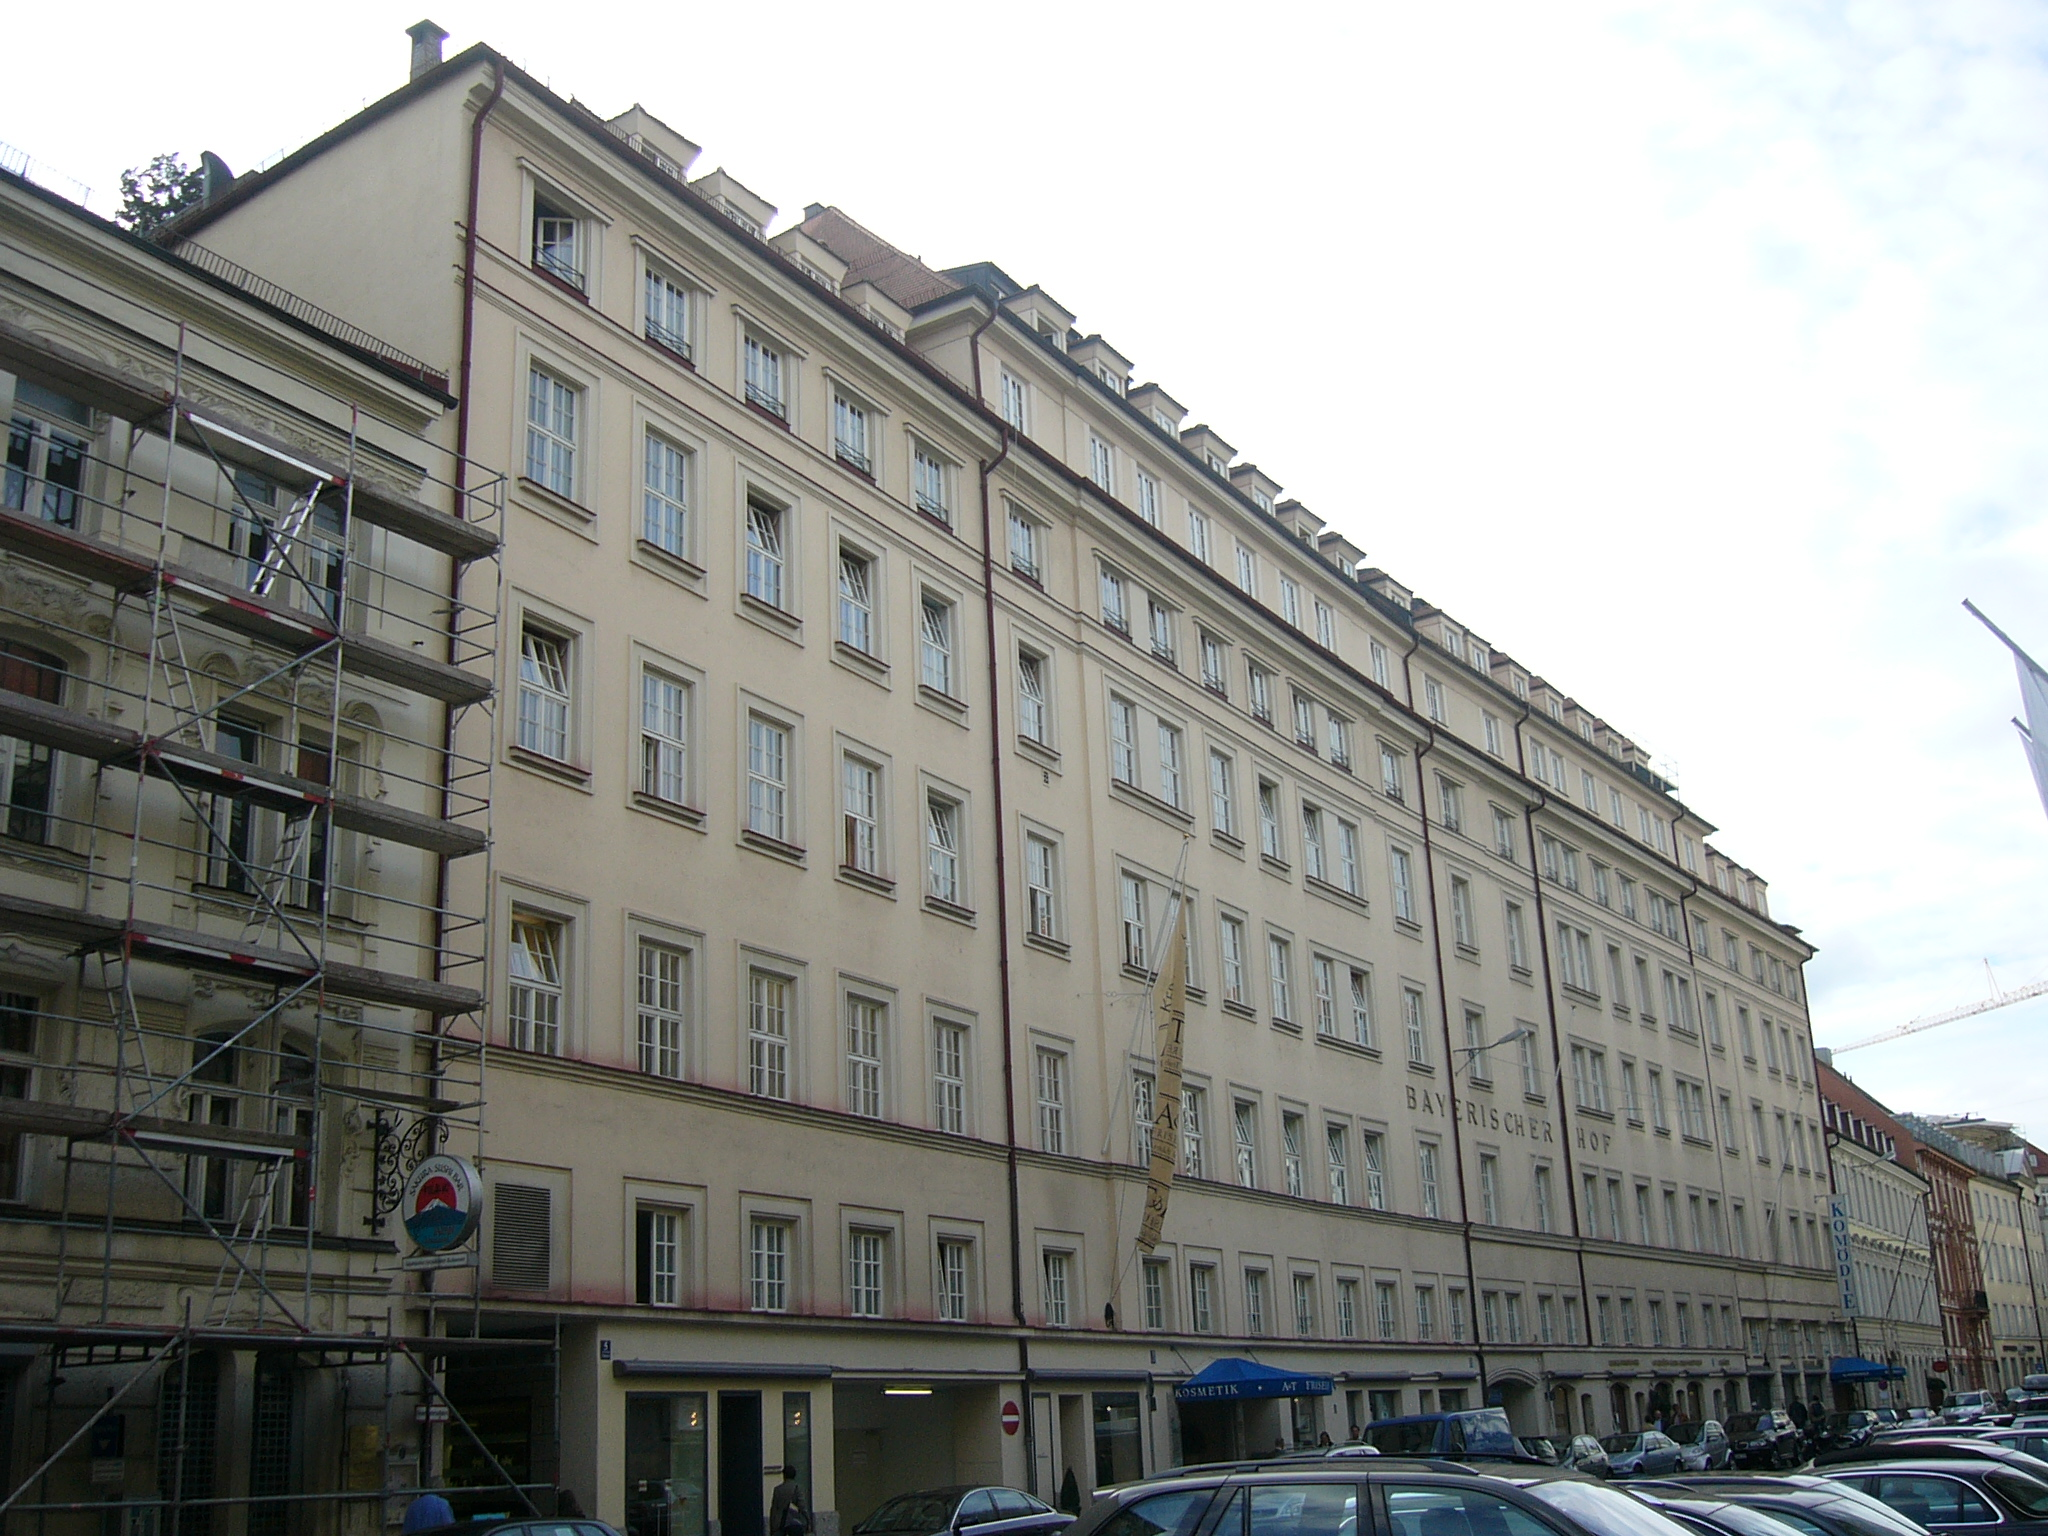 Hotel Bayerischer Hof In M Ef Bf Bdnchen Fr Ef Bf Bdhst Ef Bf Bdcks Brunch